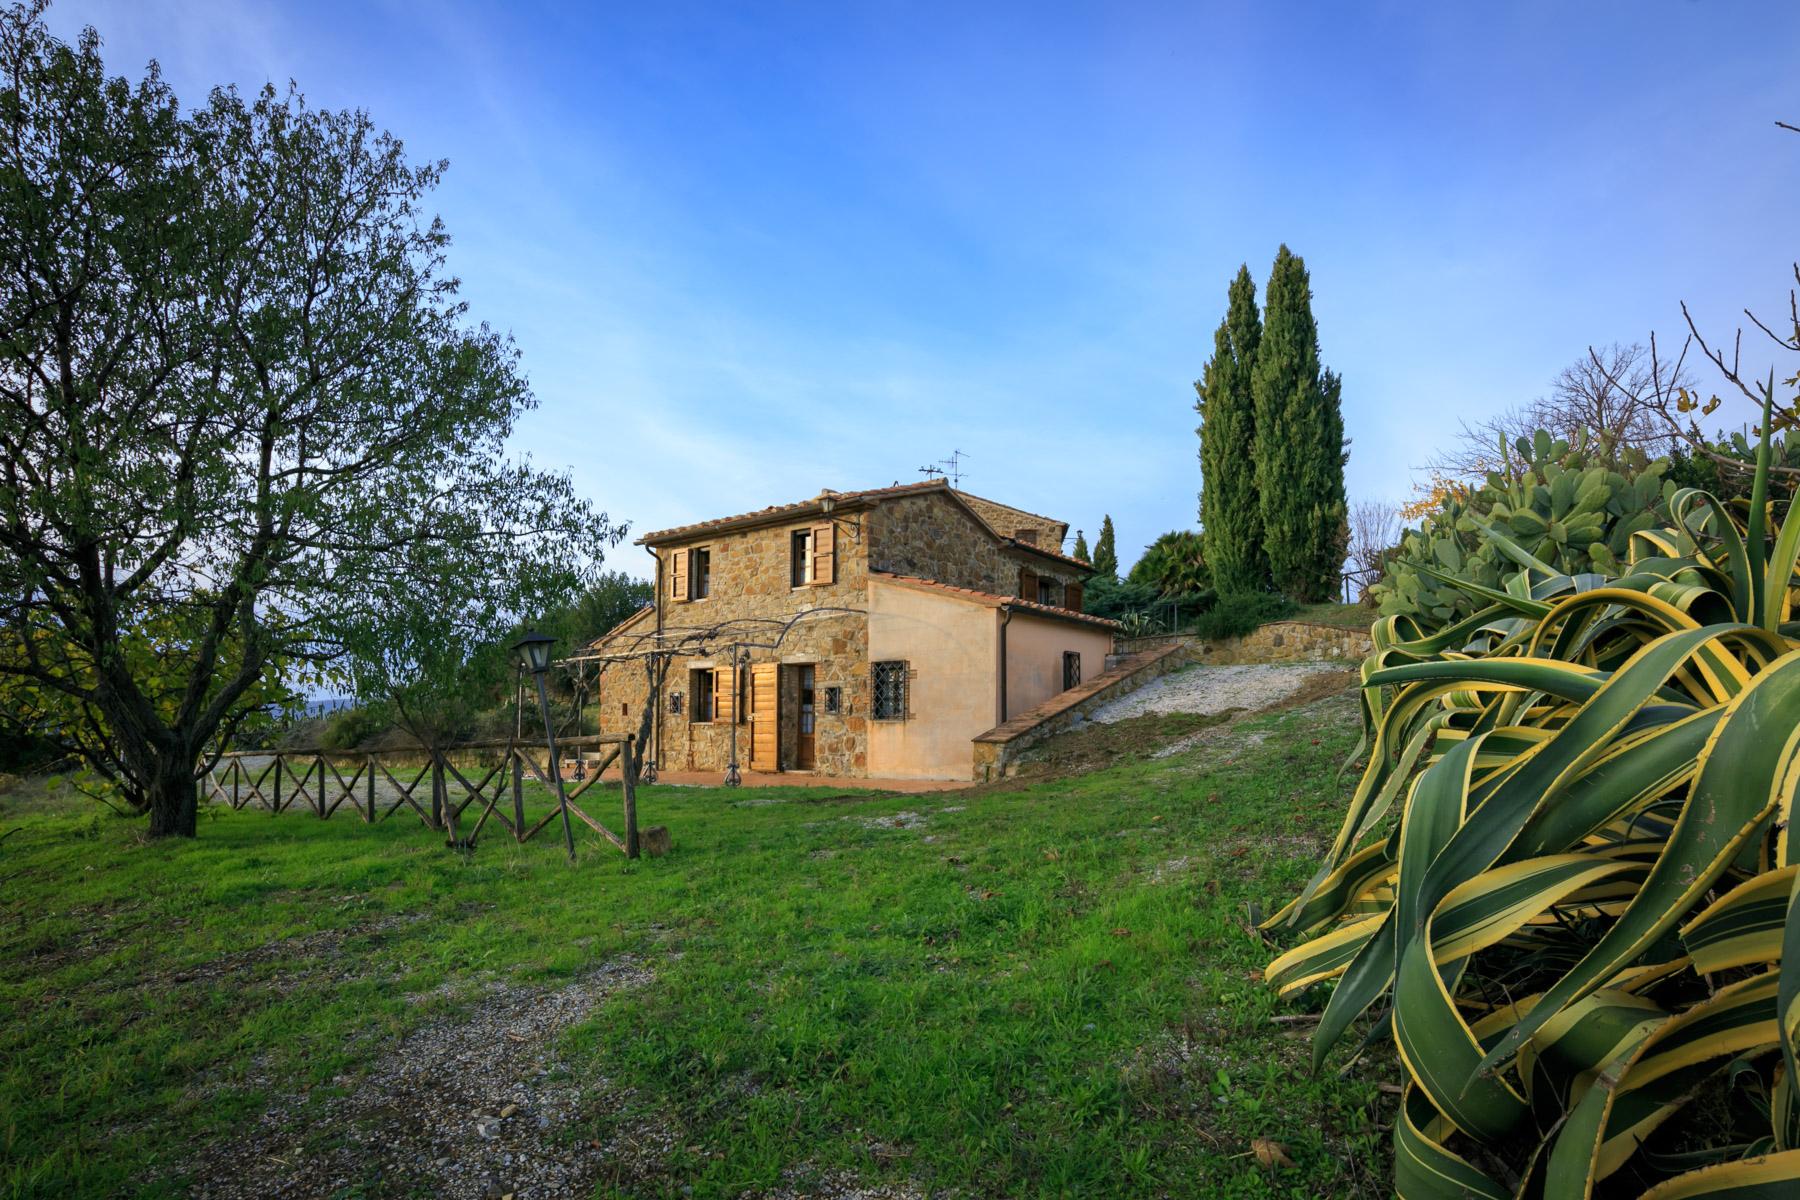 Rustico in Vendita a Manciano: 5 locali, 500 mq - Foto 13